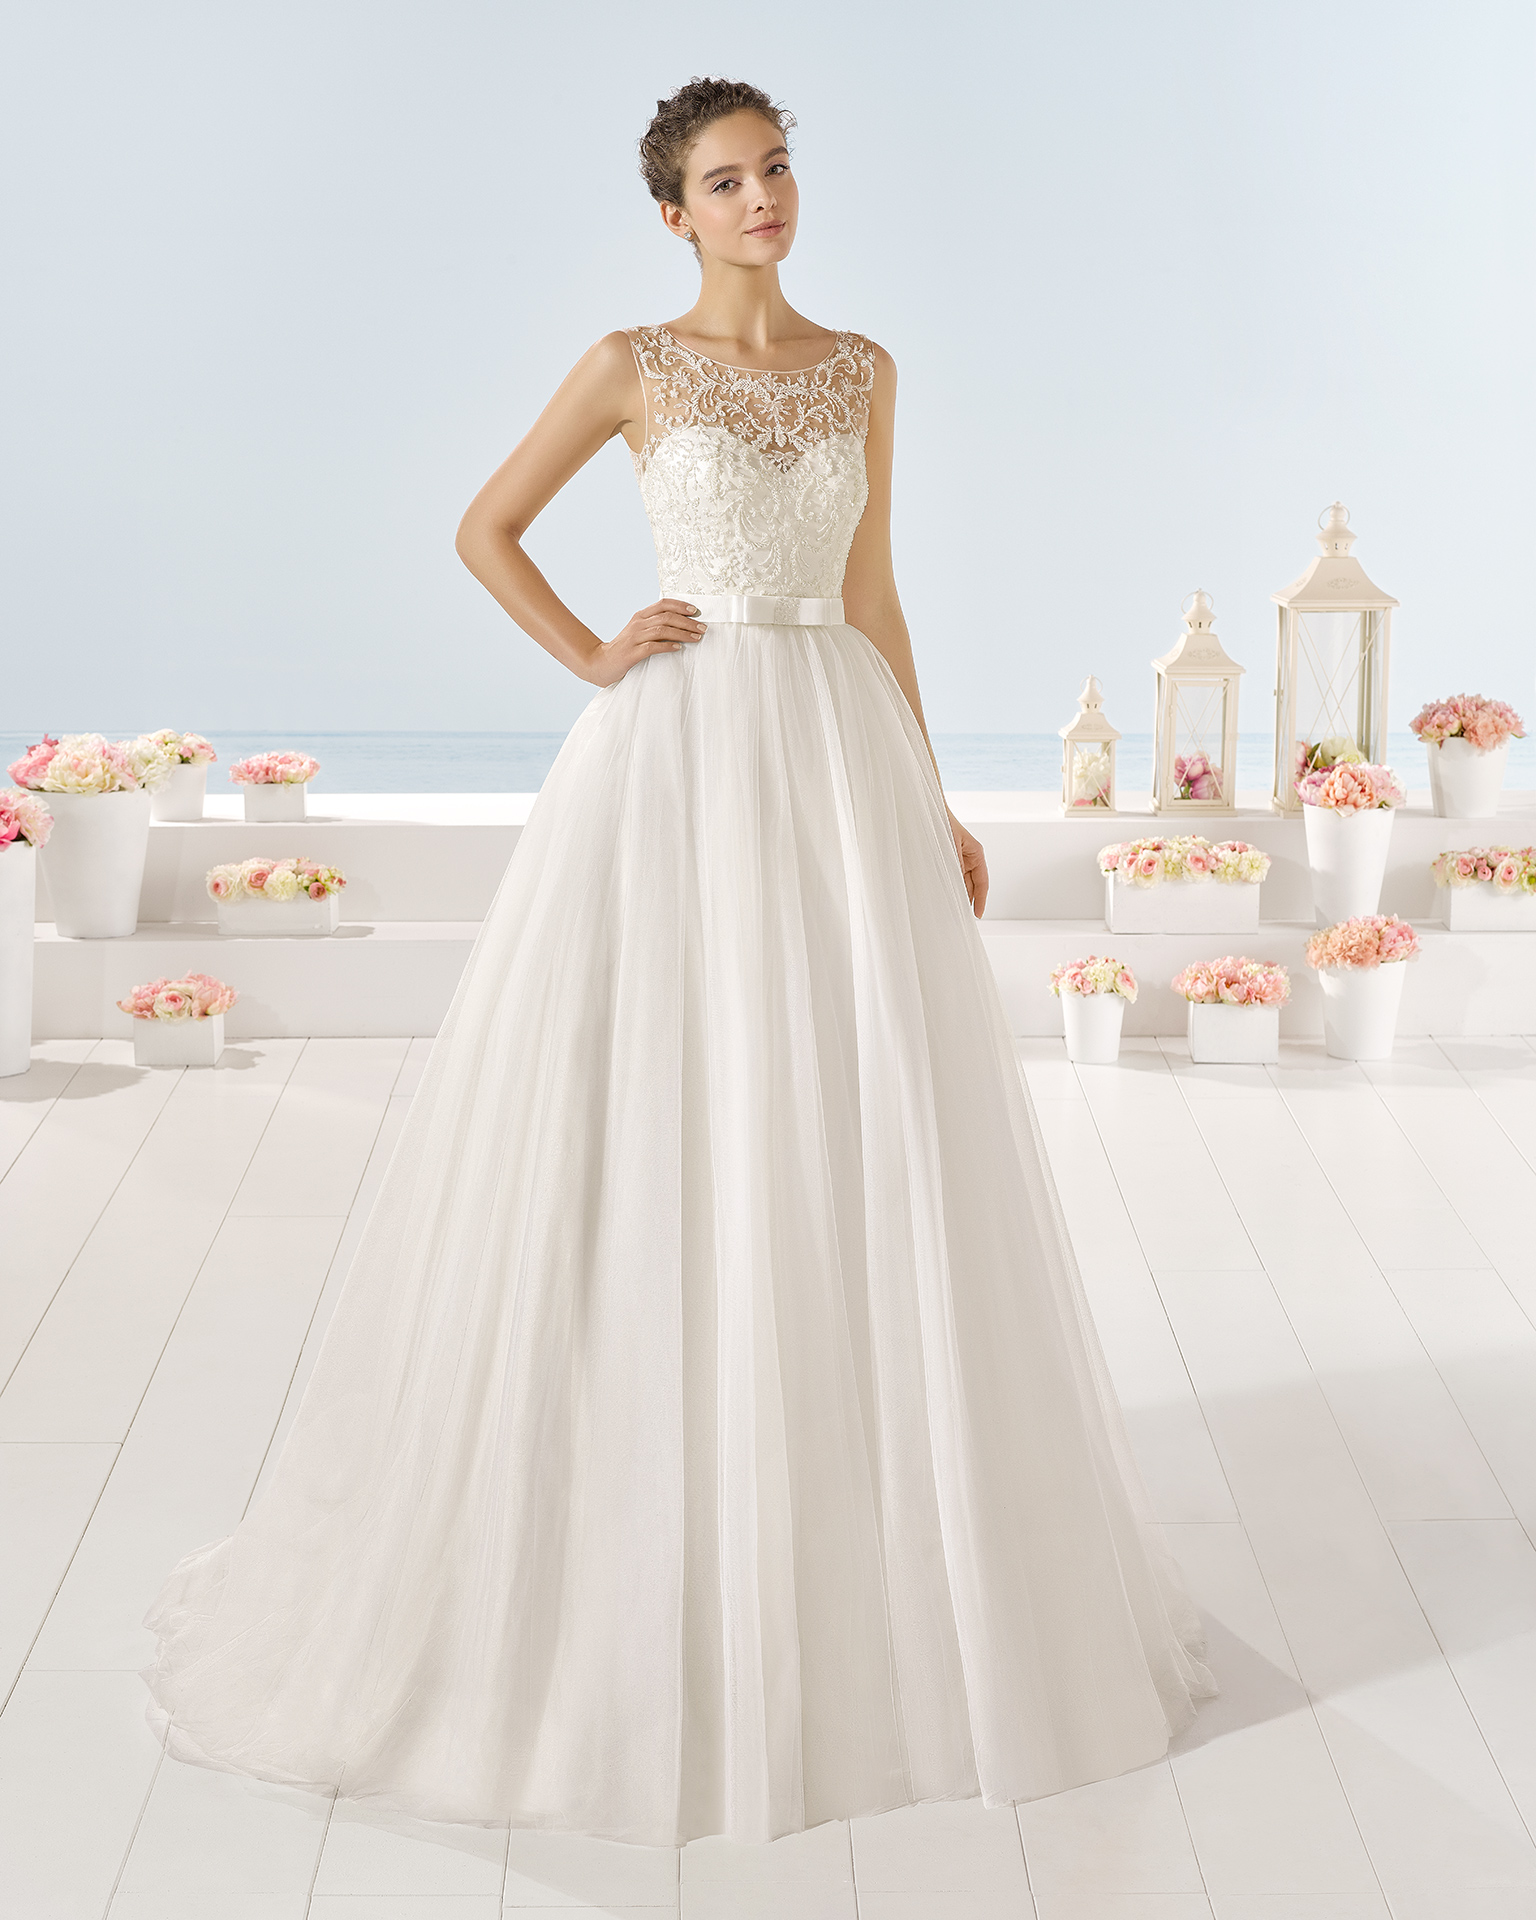 Yibuti wedding dress, Luna Novias 2017